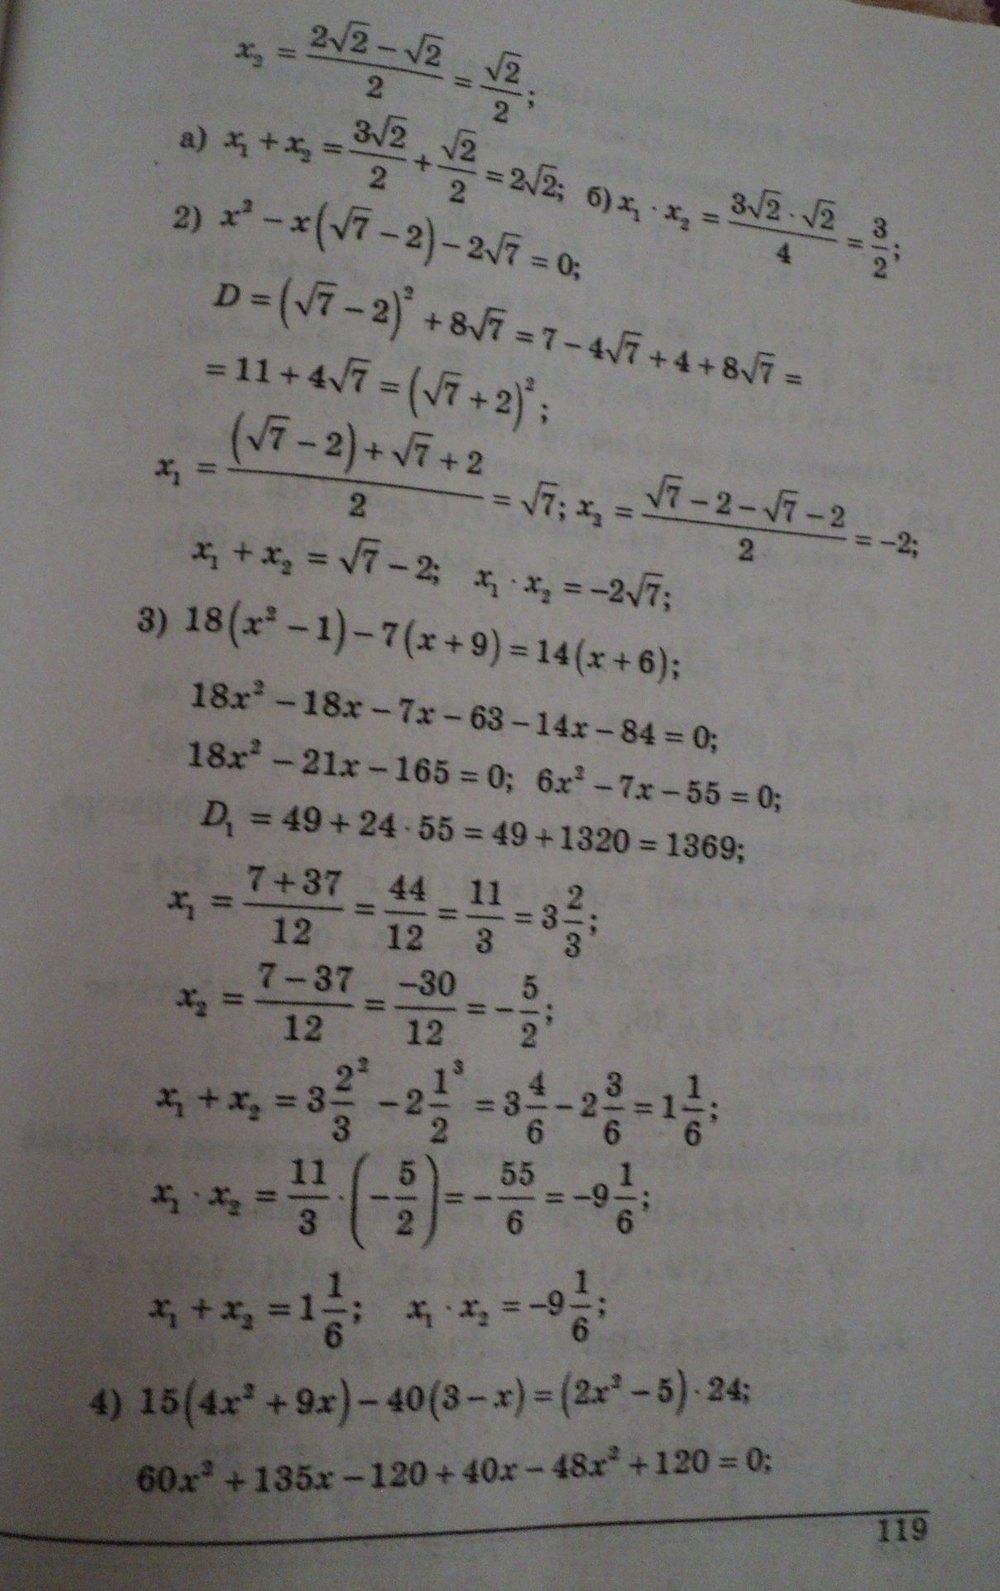 ГДЗ по алгебре 8 класс Щербань П.. Задание: стр. 119